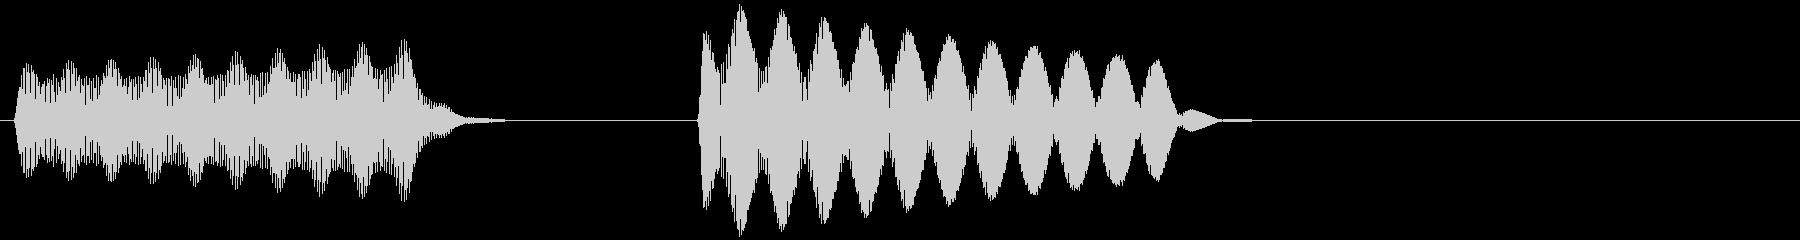 ピピッ(1回、目覚まし時計のアラーム音)の未再生の波形